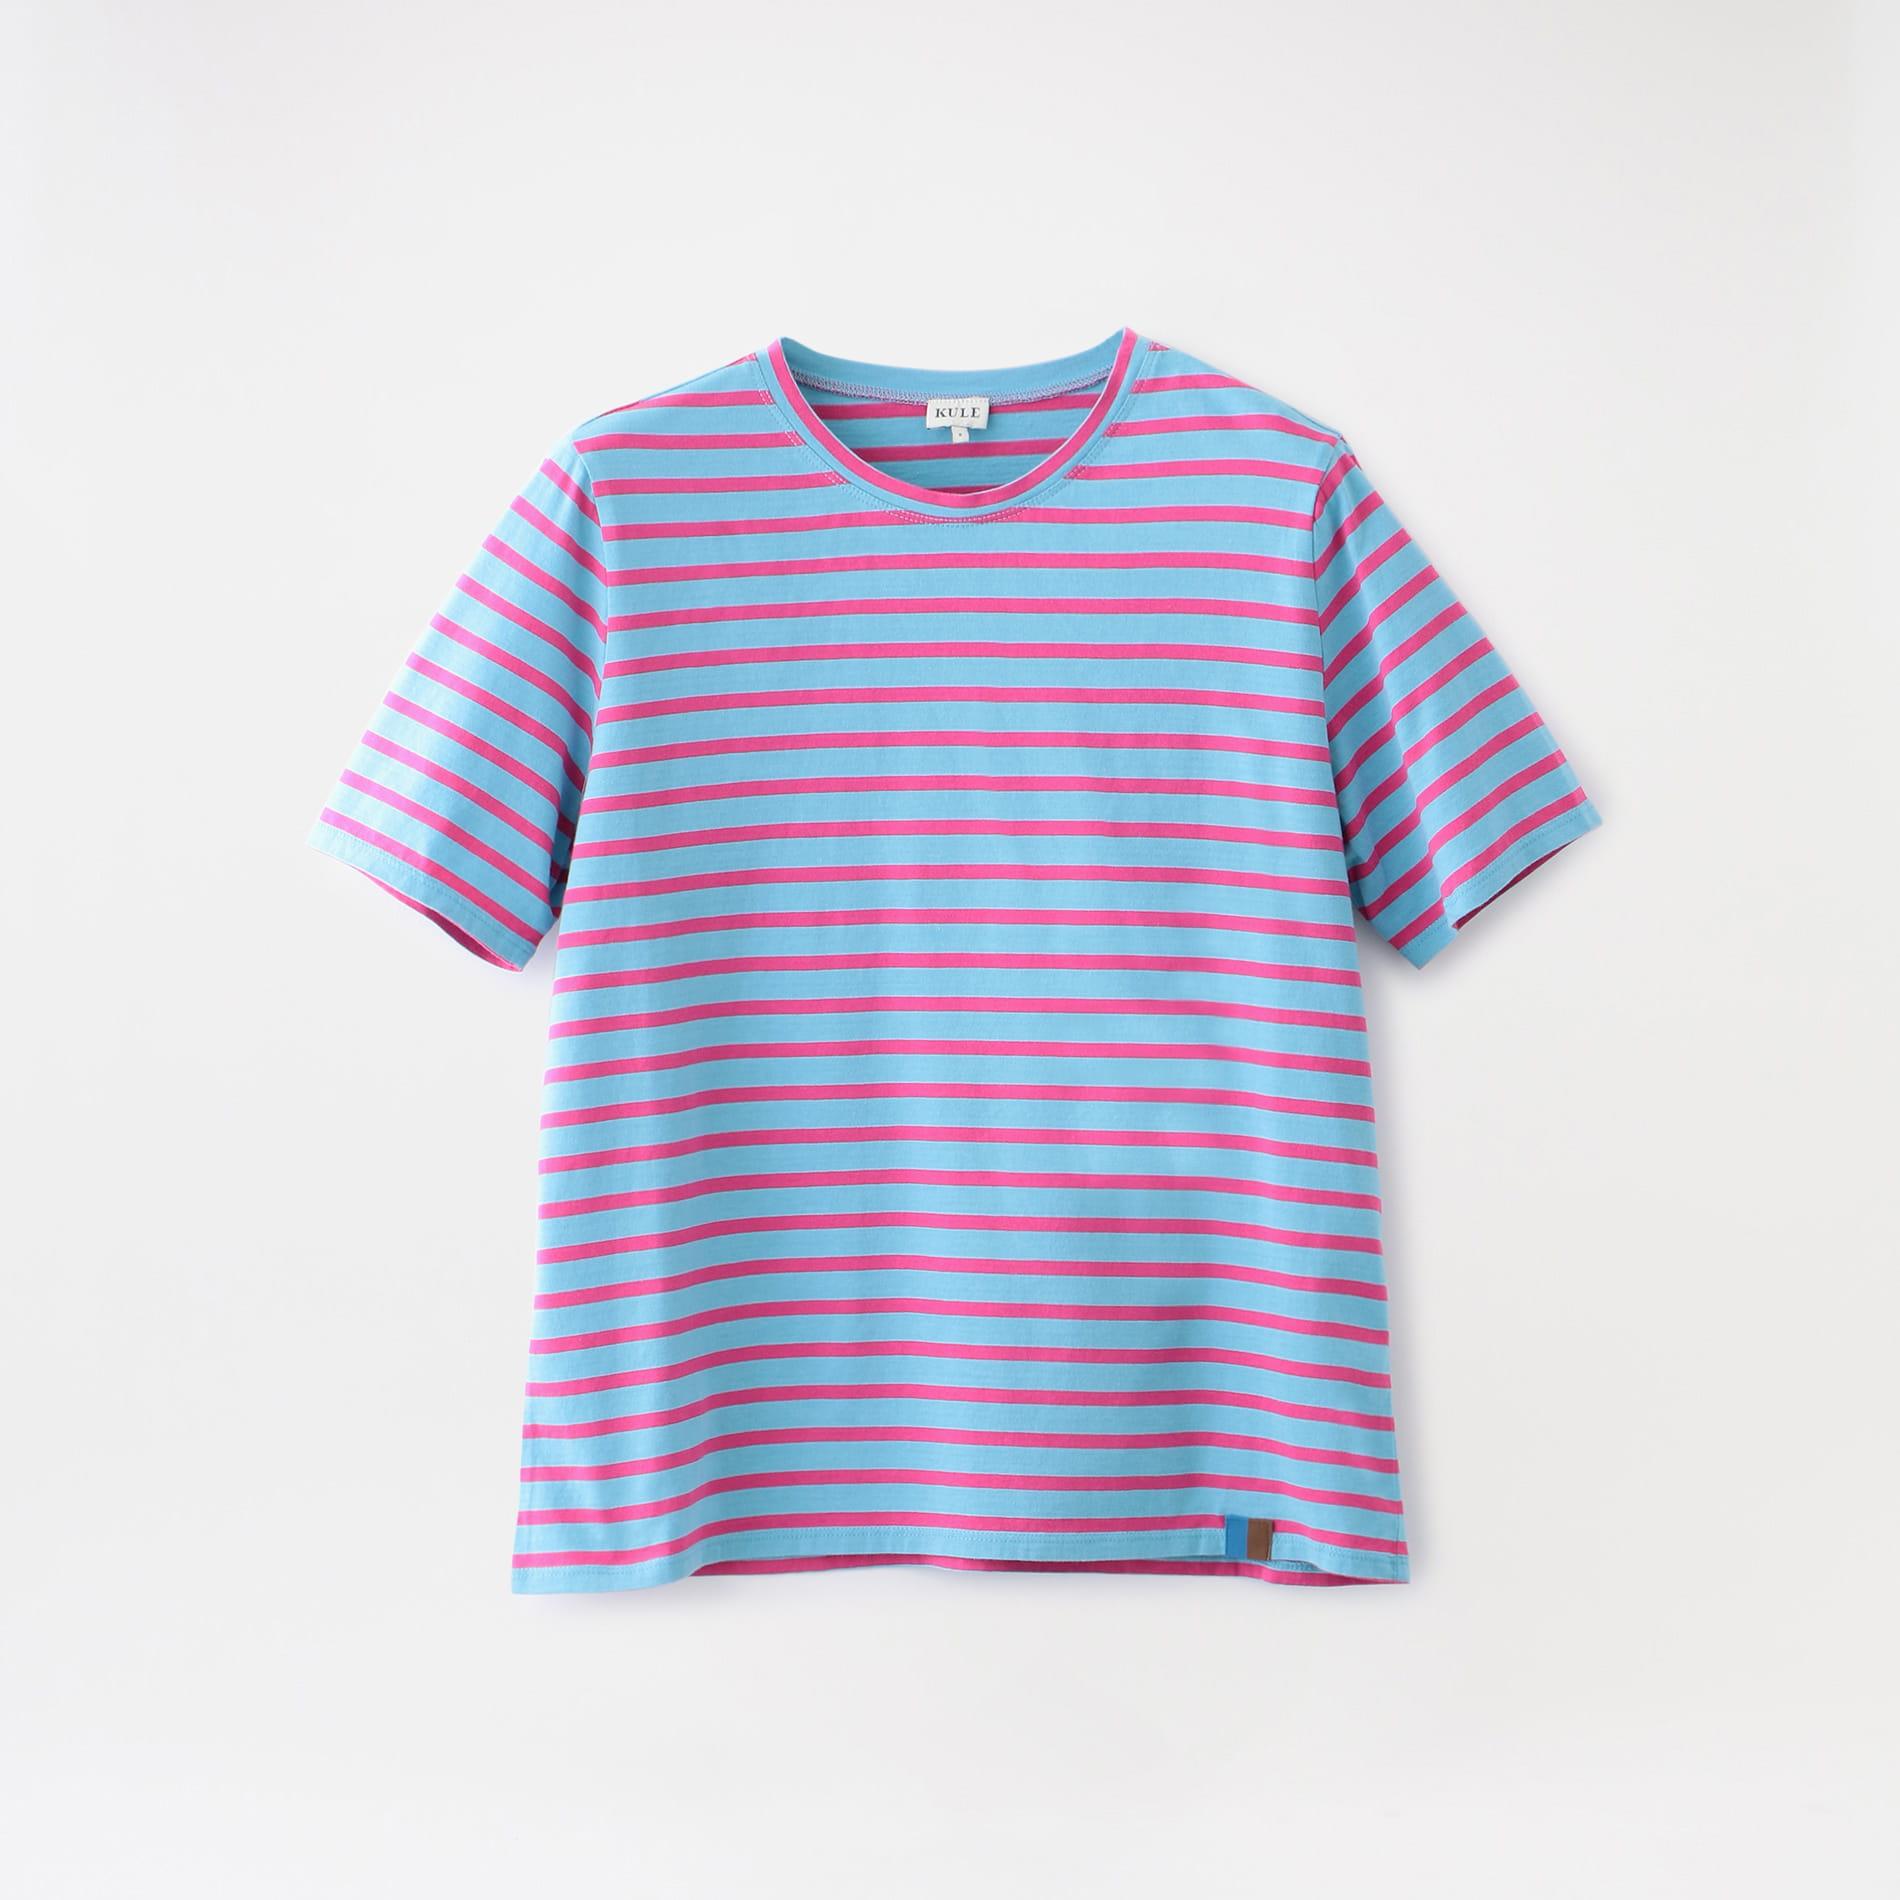 【KULE】WOMEN Tシャツ The modern 748-14450